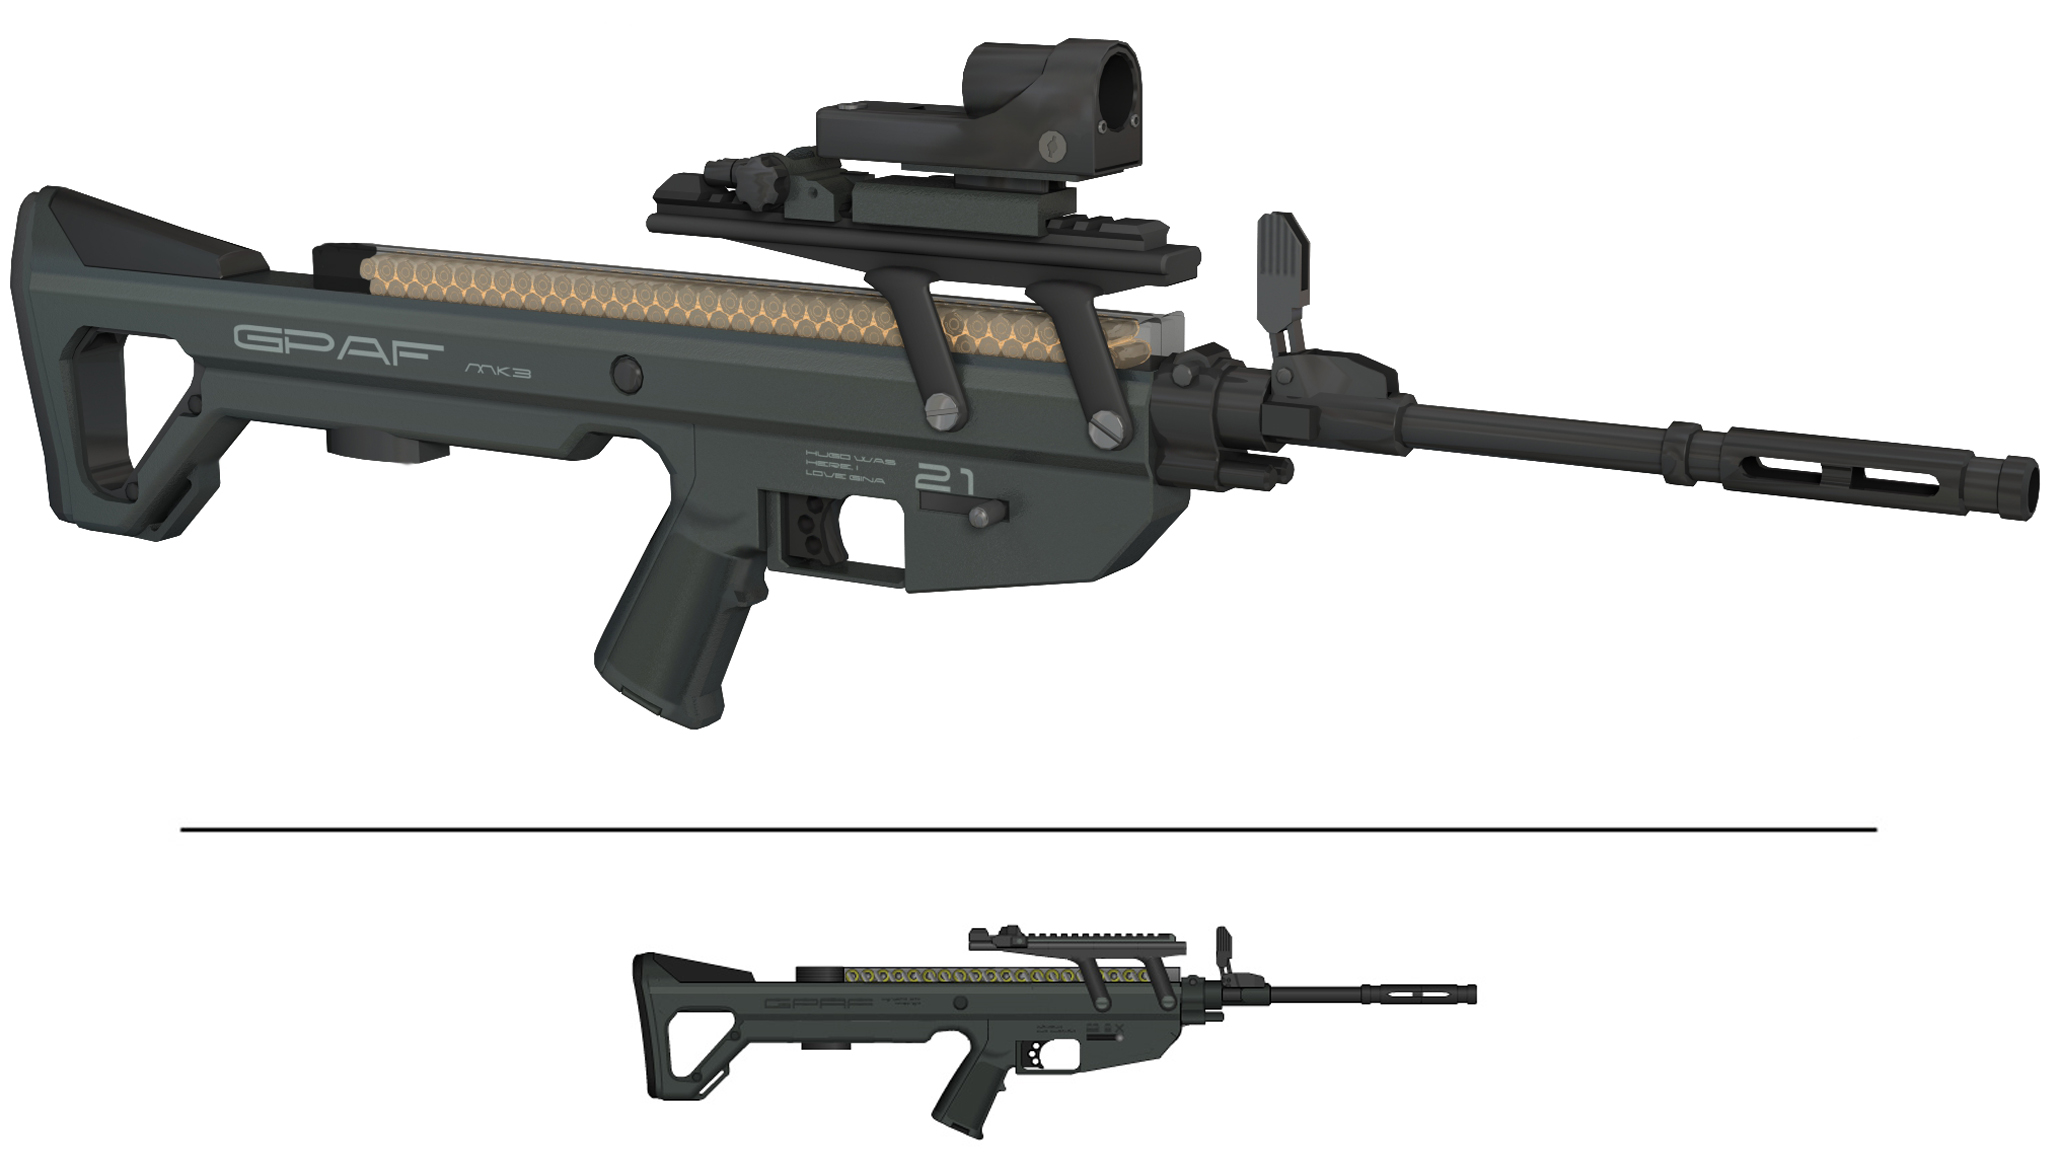 GPAF Mk3 by TheBadPanda2